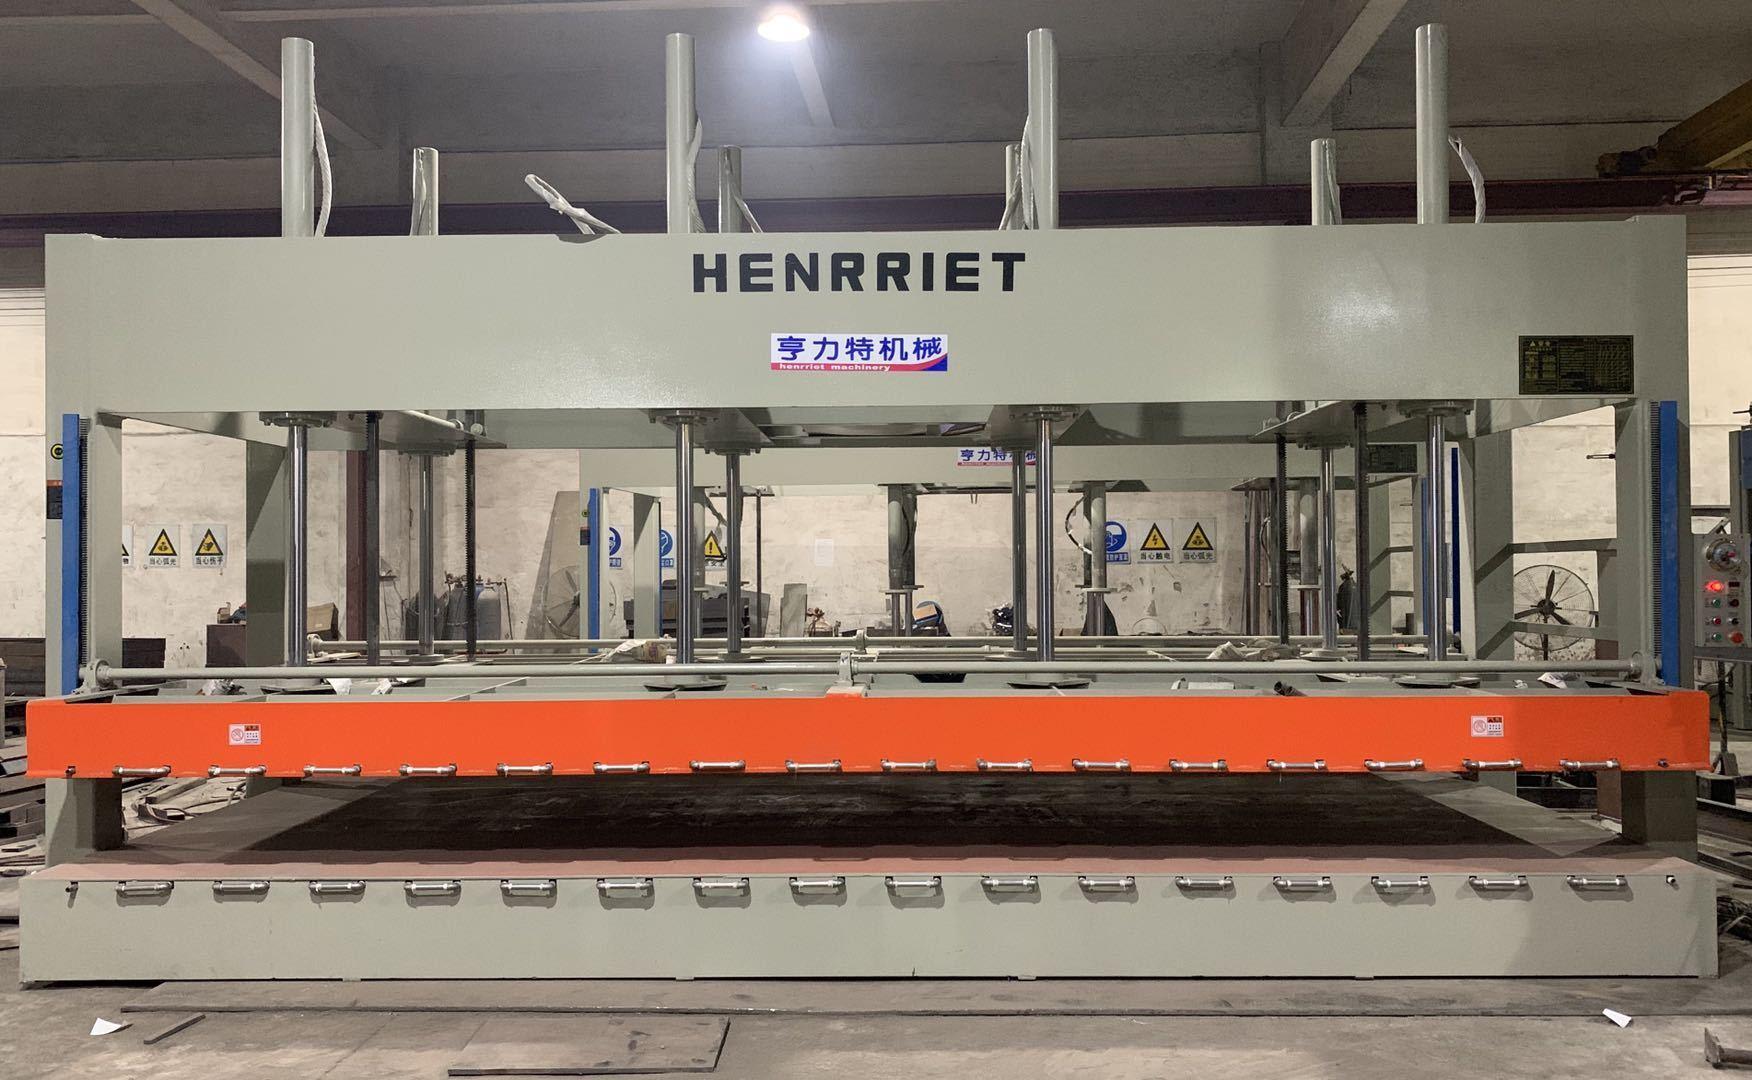 今日特價亨力特機械160噸,空調板,冷庫板,車廂板,整體衛浴發泡板,聚氨脂發泡板熱壓機示例圖20